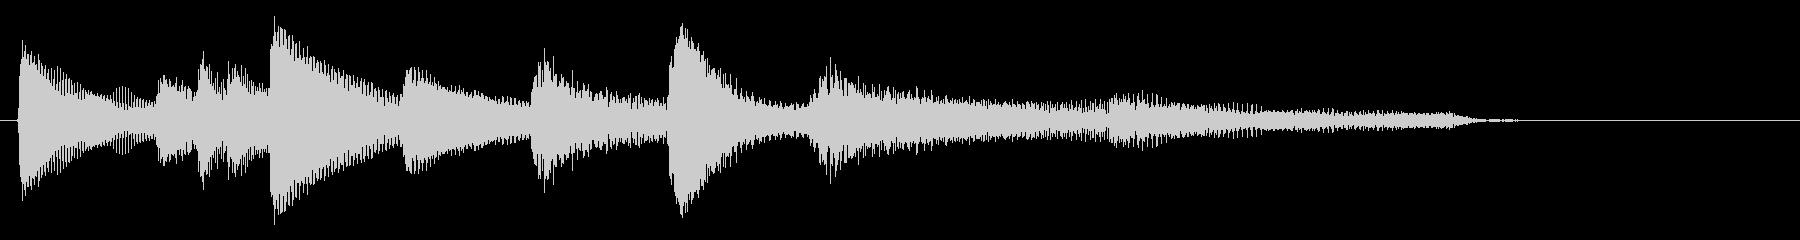 アジア風ピアノサウンドロゴ_ジングル4秒の未再生の波形